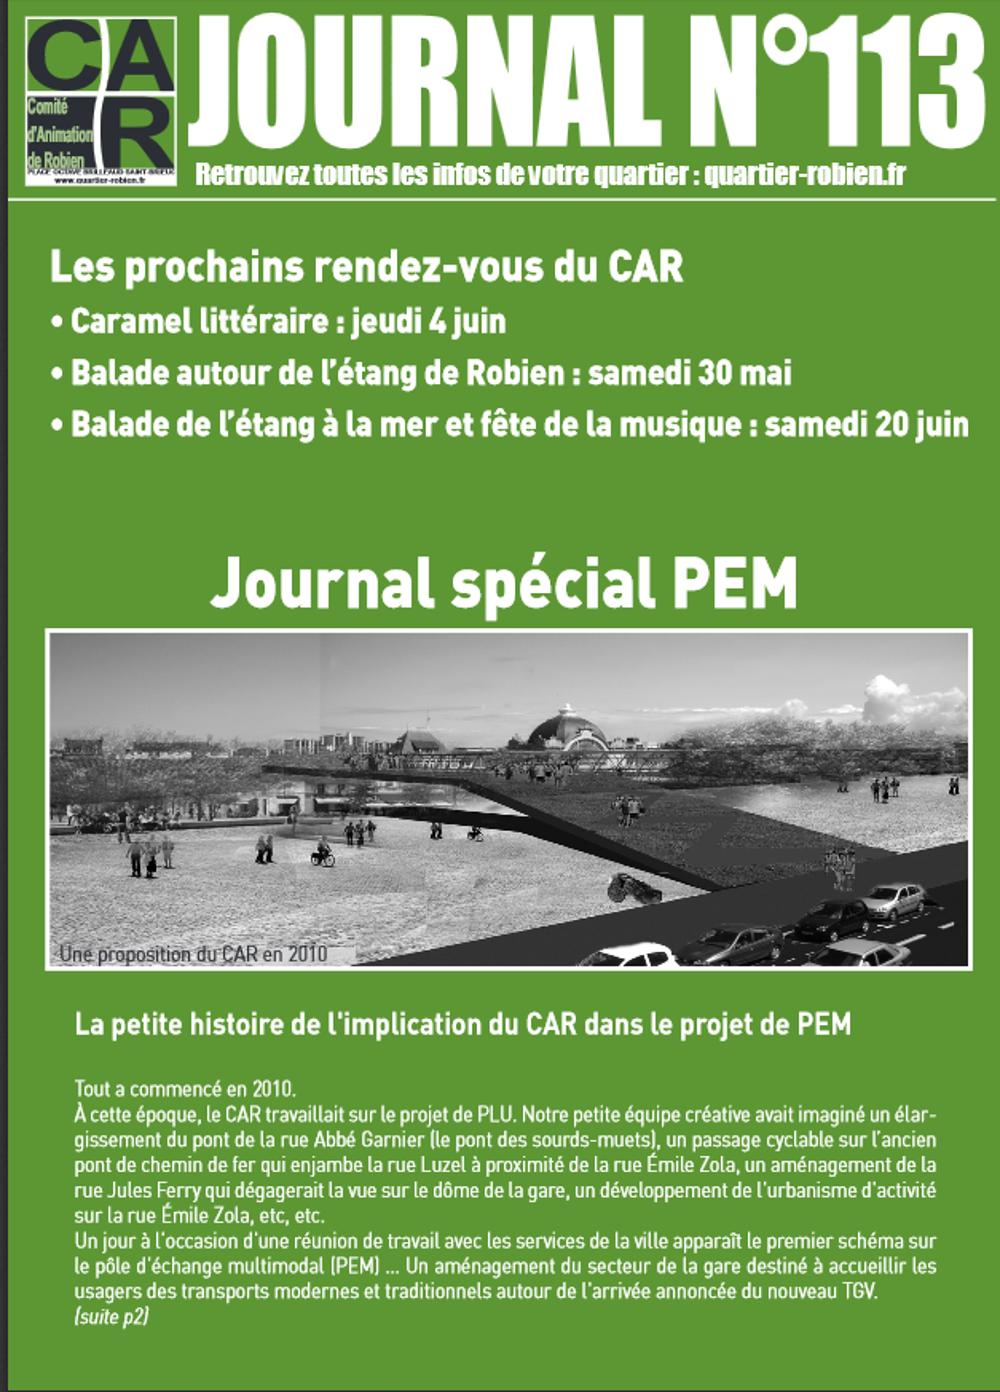 Le journal du CAR n°113 spécial PEM est en ligne 0